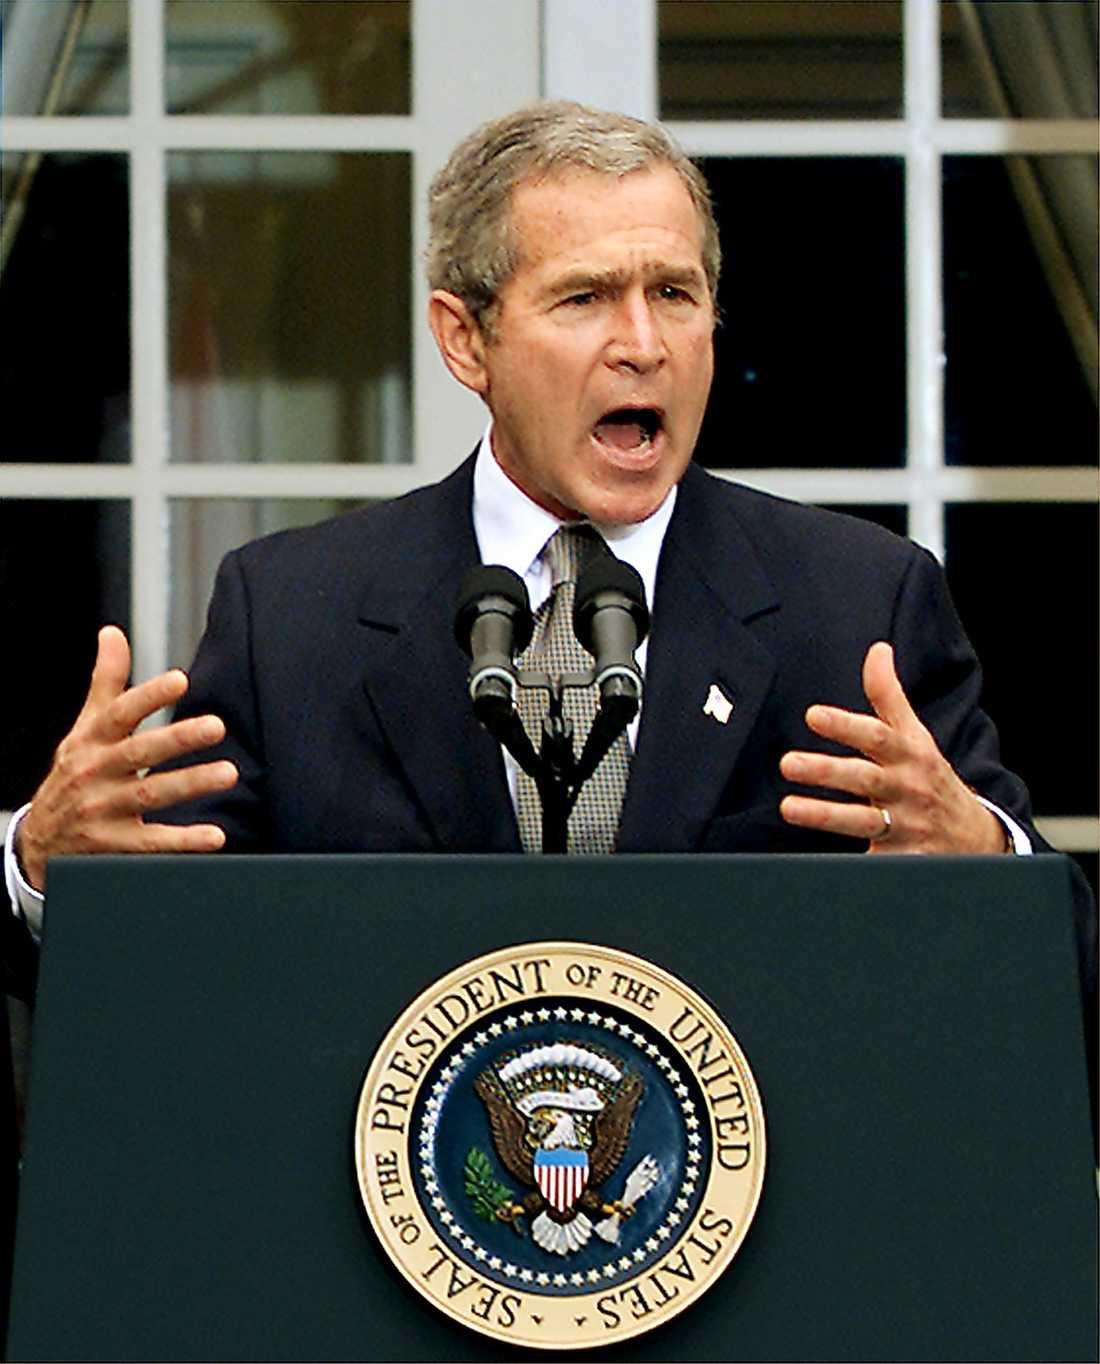 George W Bush tillkännager den nya lagen mot terrorism, Patriot Act, kort efter terrorattackerna 2001. Och den tioåriga jakten på al-Qaida-ledaren Usama bin Ladin börjar.